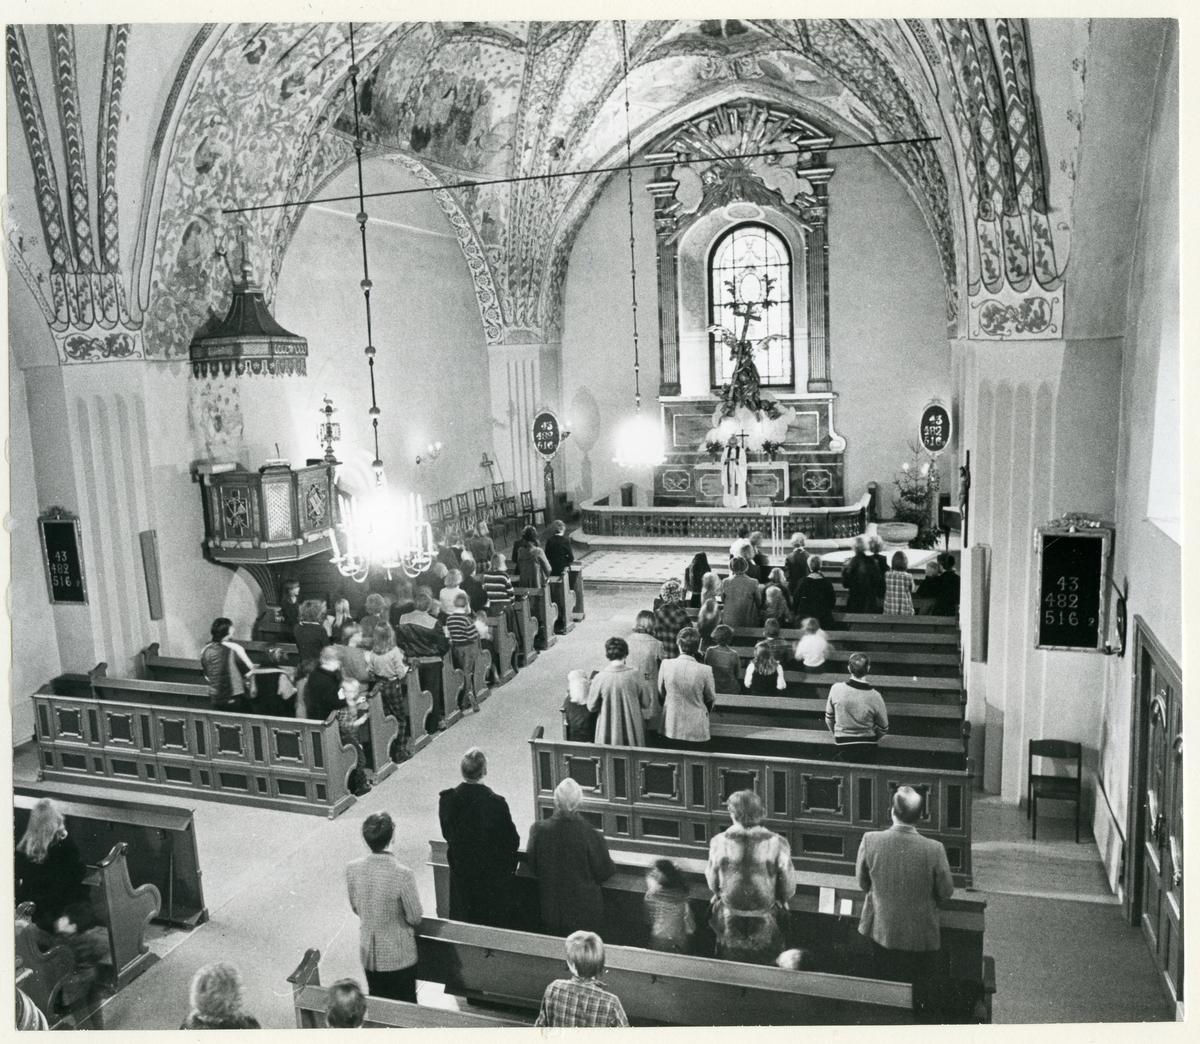 Dingtuna sn, kyrkan.  Gudstjänst i Dingtuna kyrka. Åhörarna står i kyrkbänkarna och prästen står vid altaret.